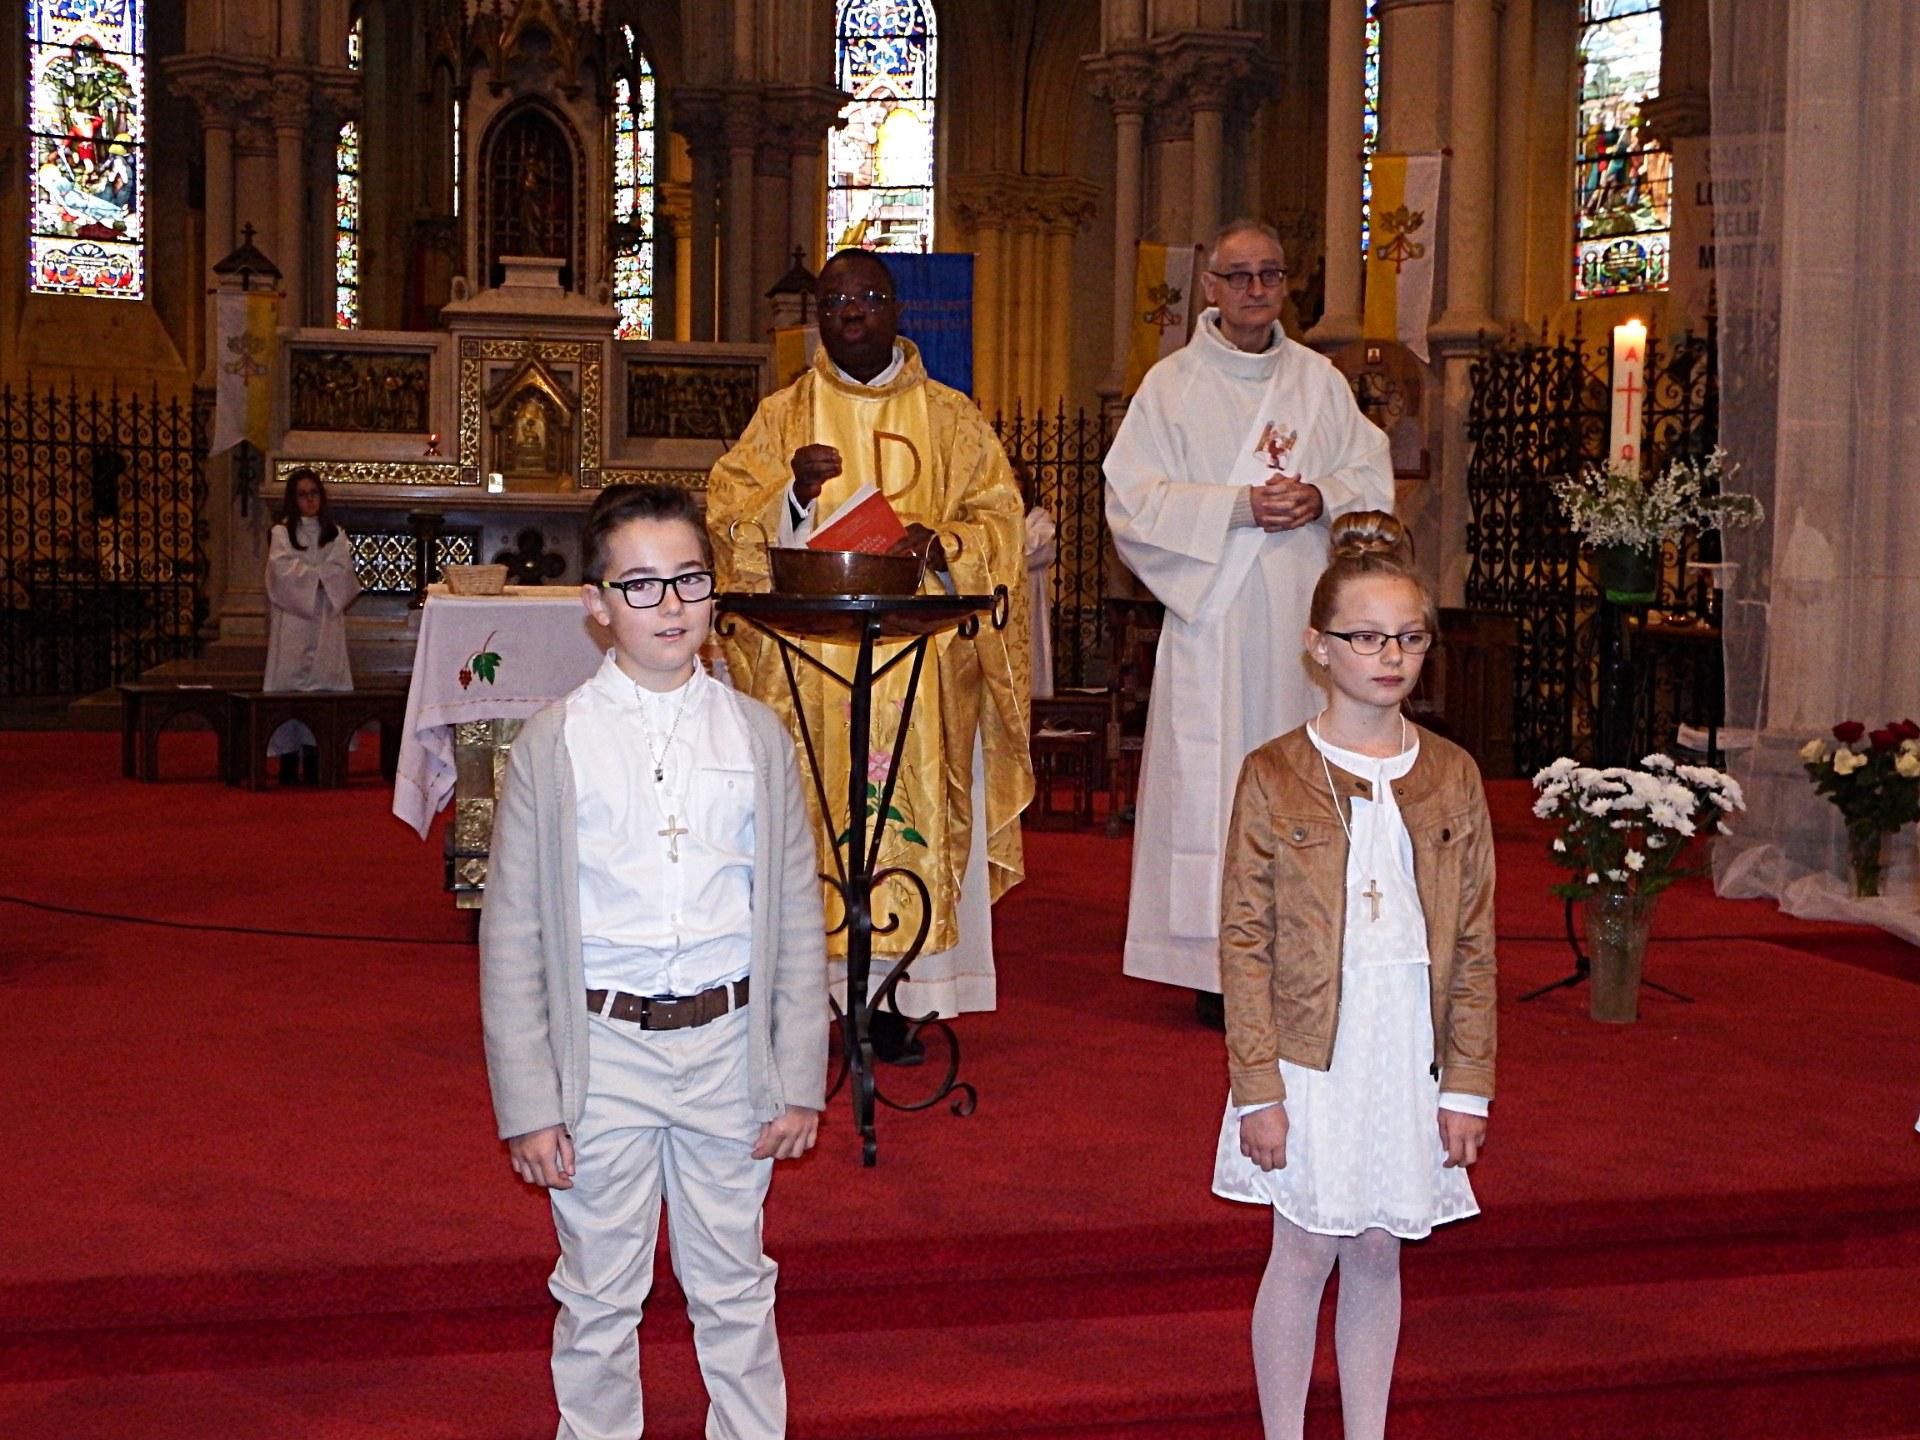 Emma et Esteban devant l'autel avec l'abbé I. Delouh